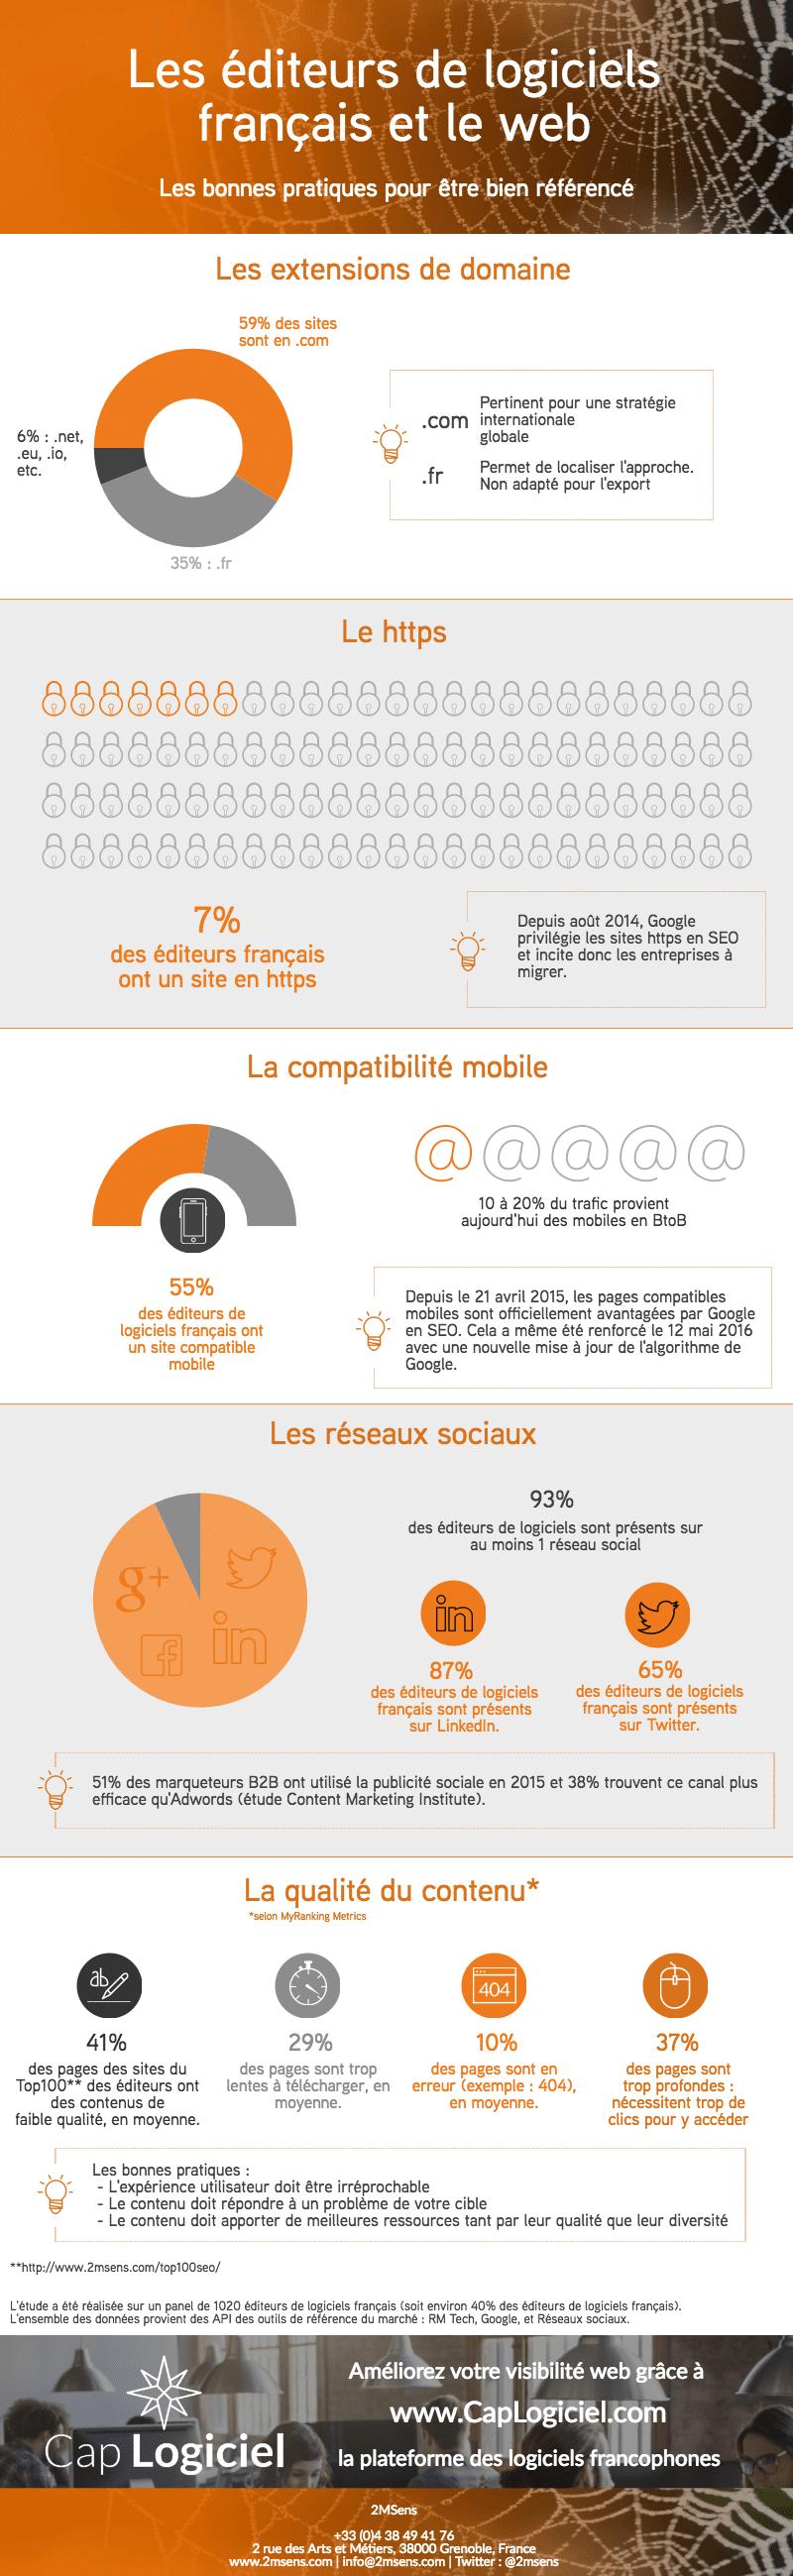 infographie-2msens-panorama-2016-visibilite-web-editeurs-logiciels